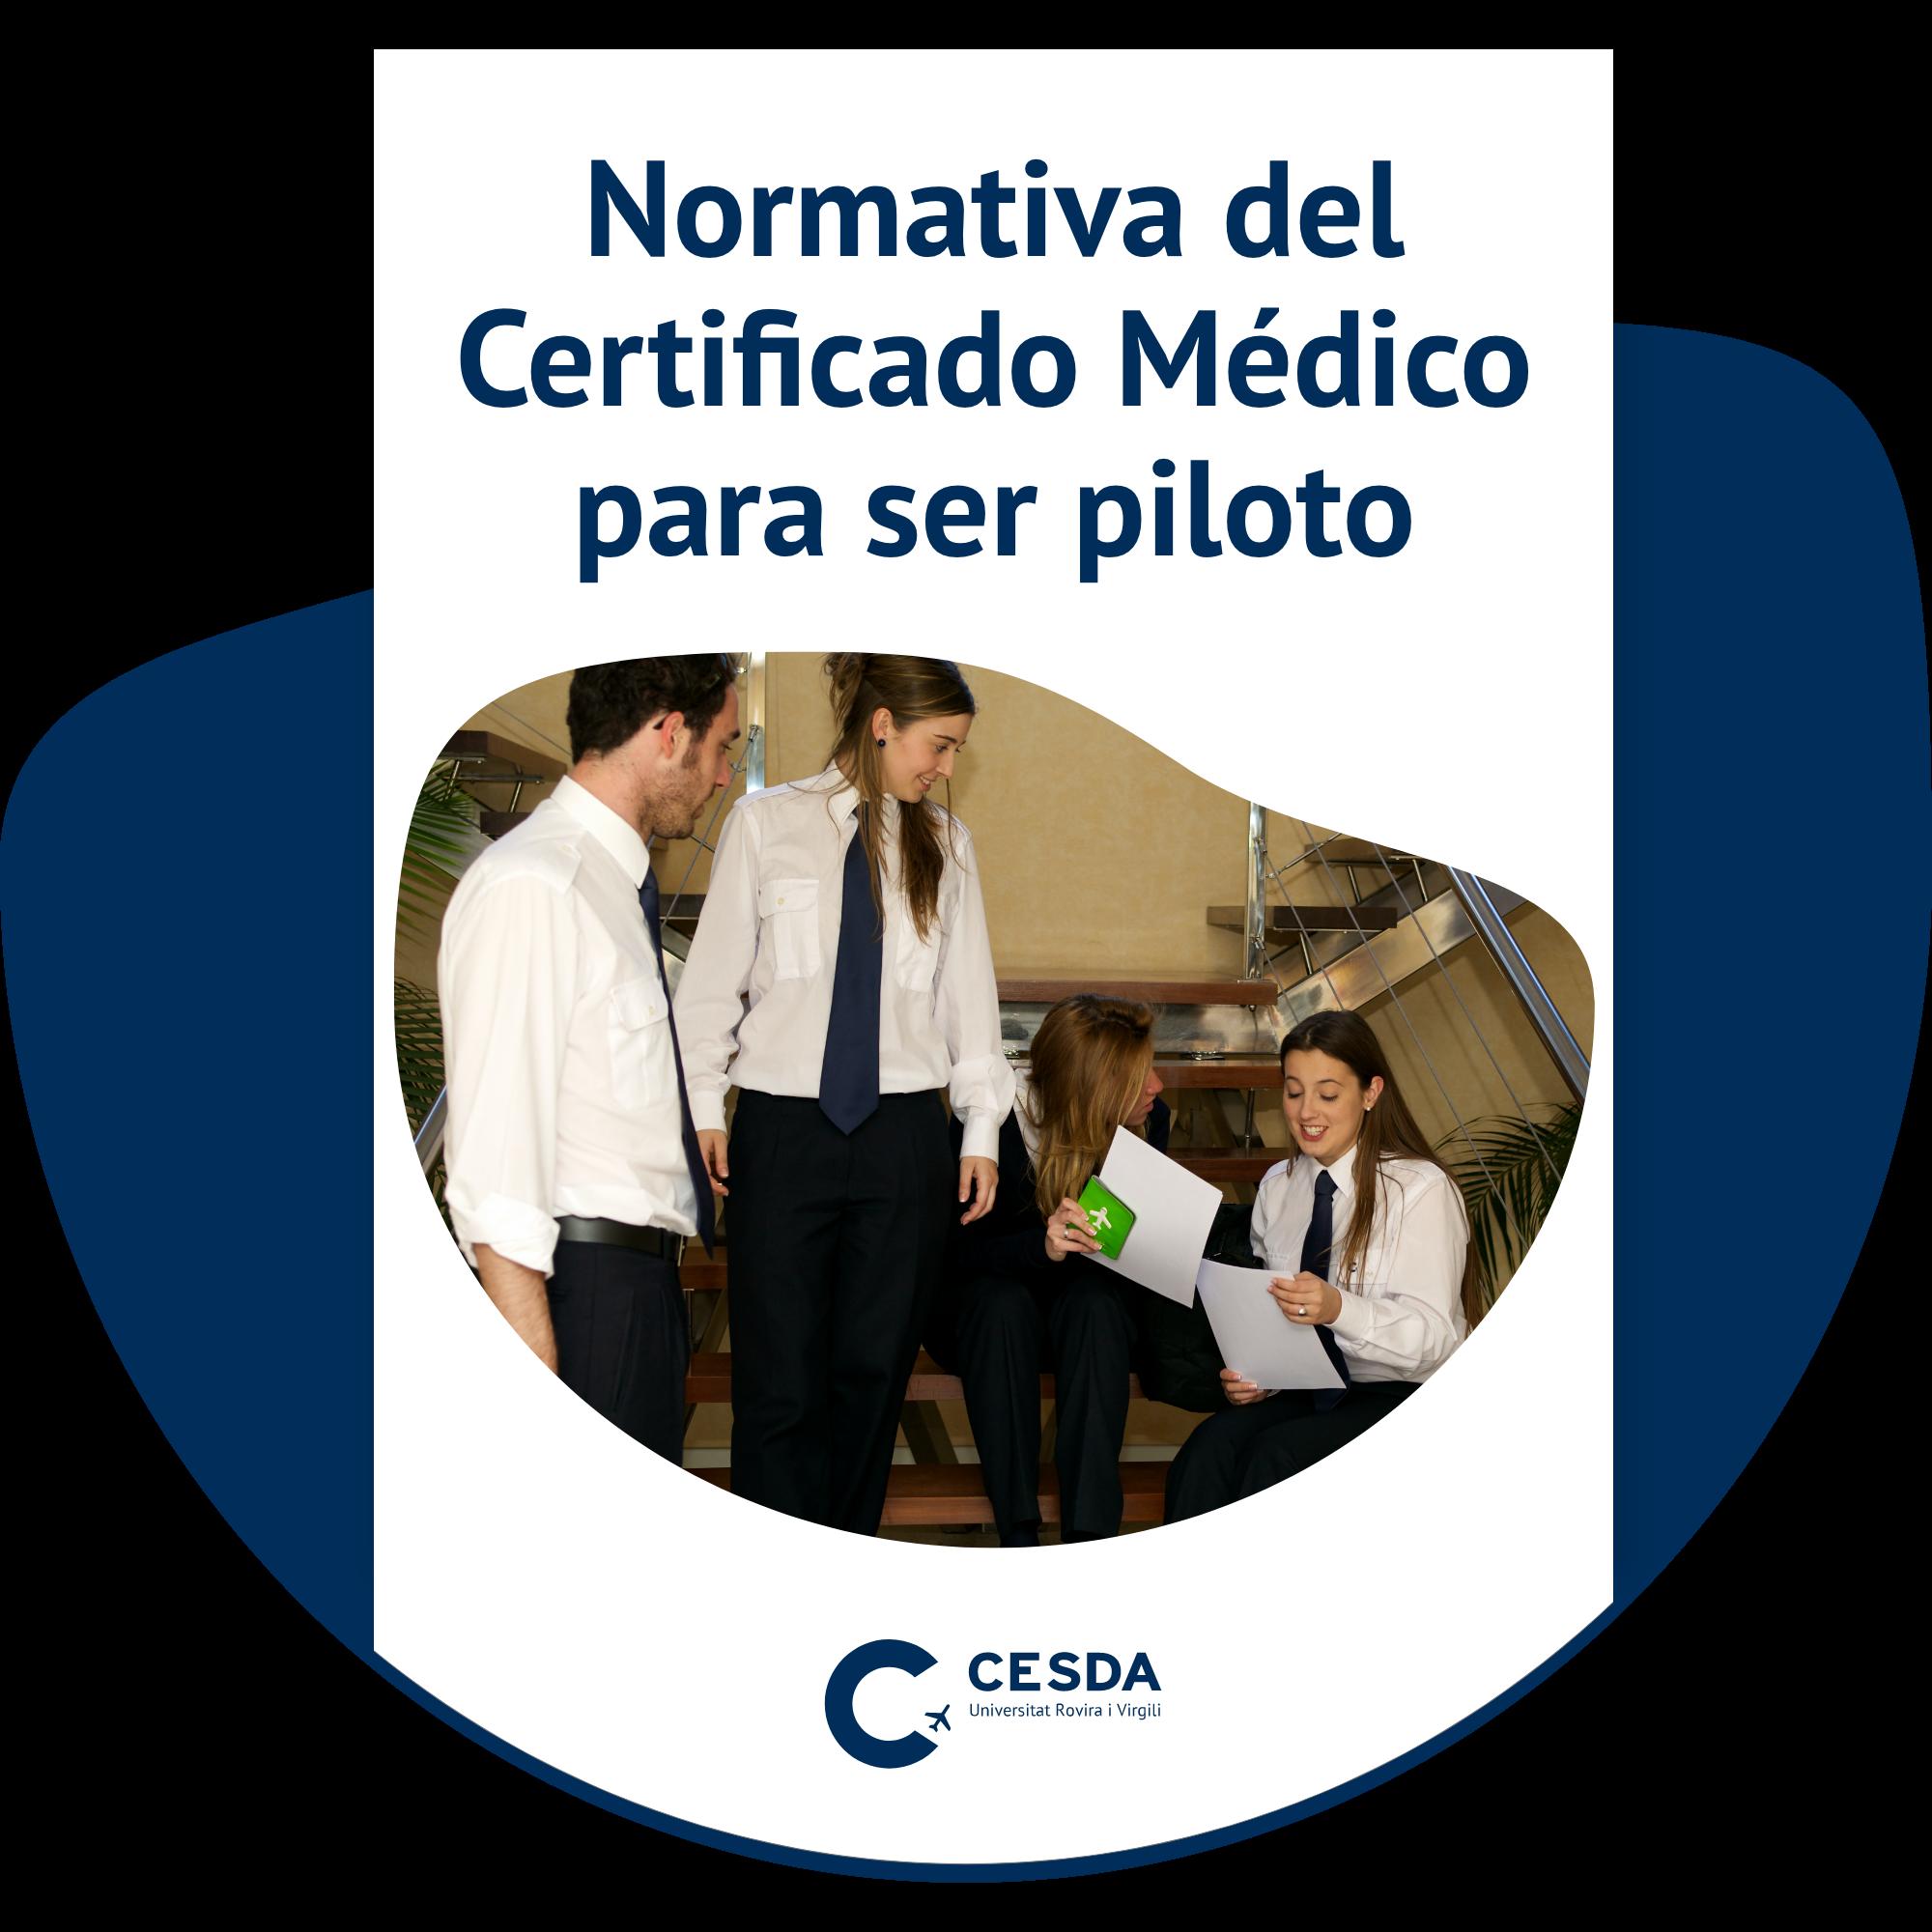 Normativa del Certificado Médico para ser piloto